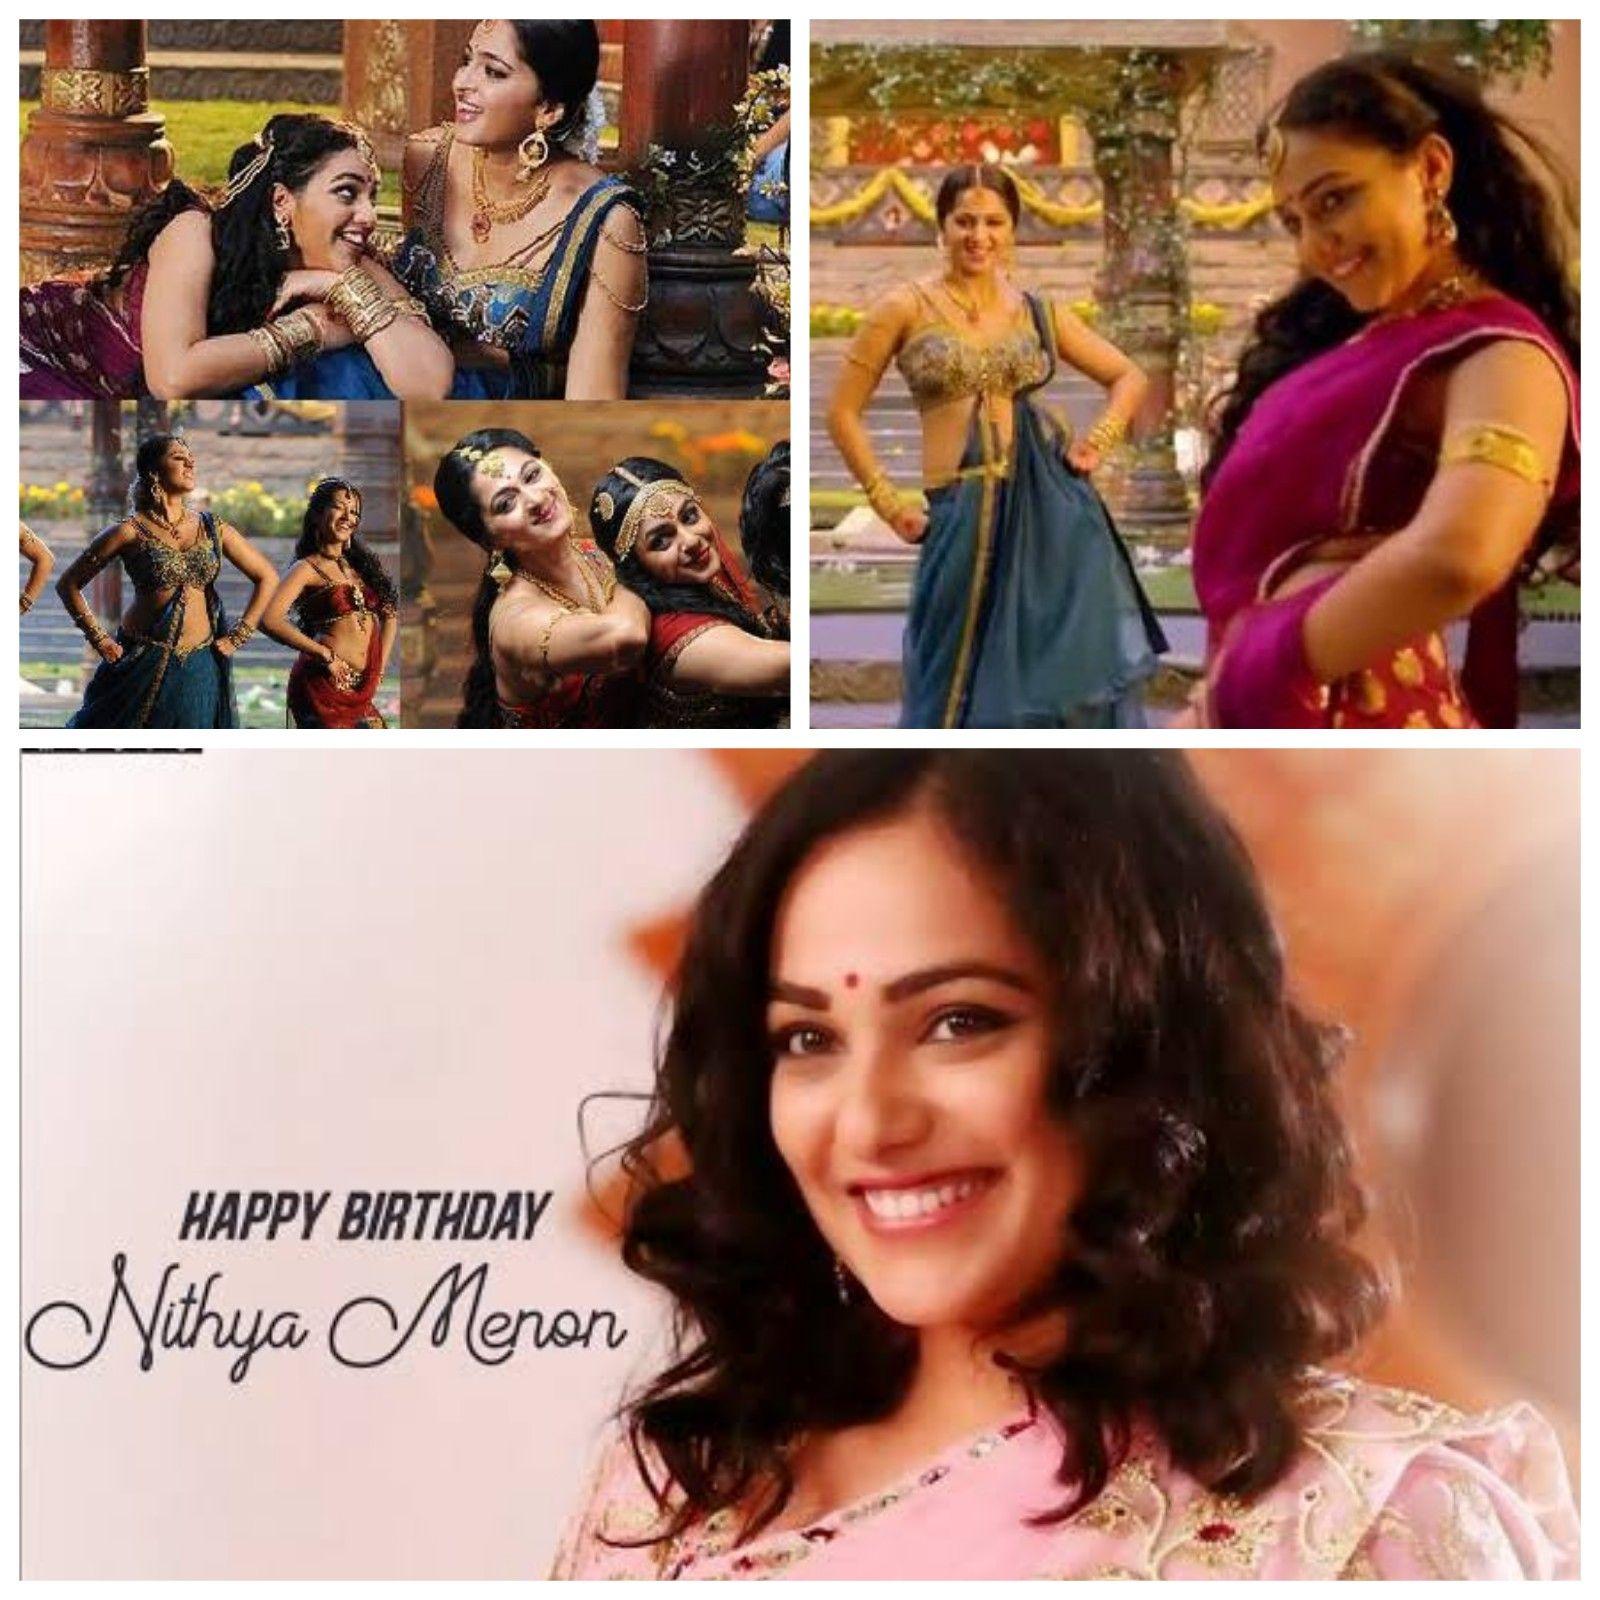 Happy Birthday Nithya Menon in 2020 Happy birthday